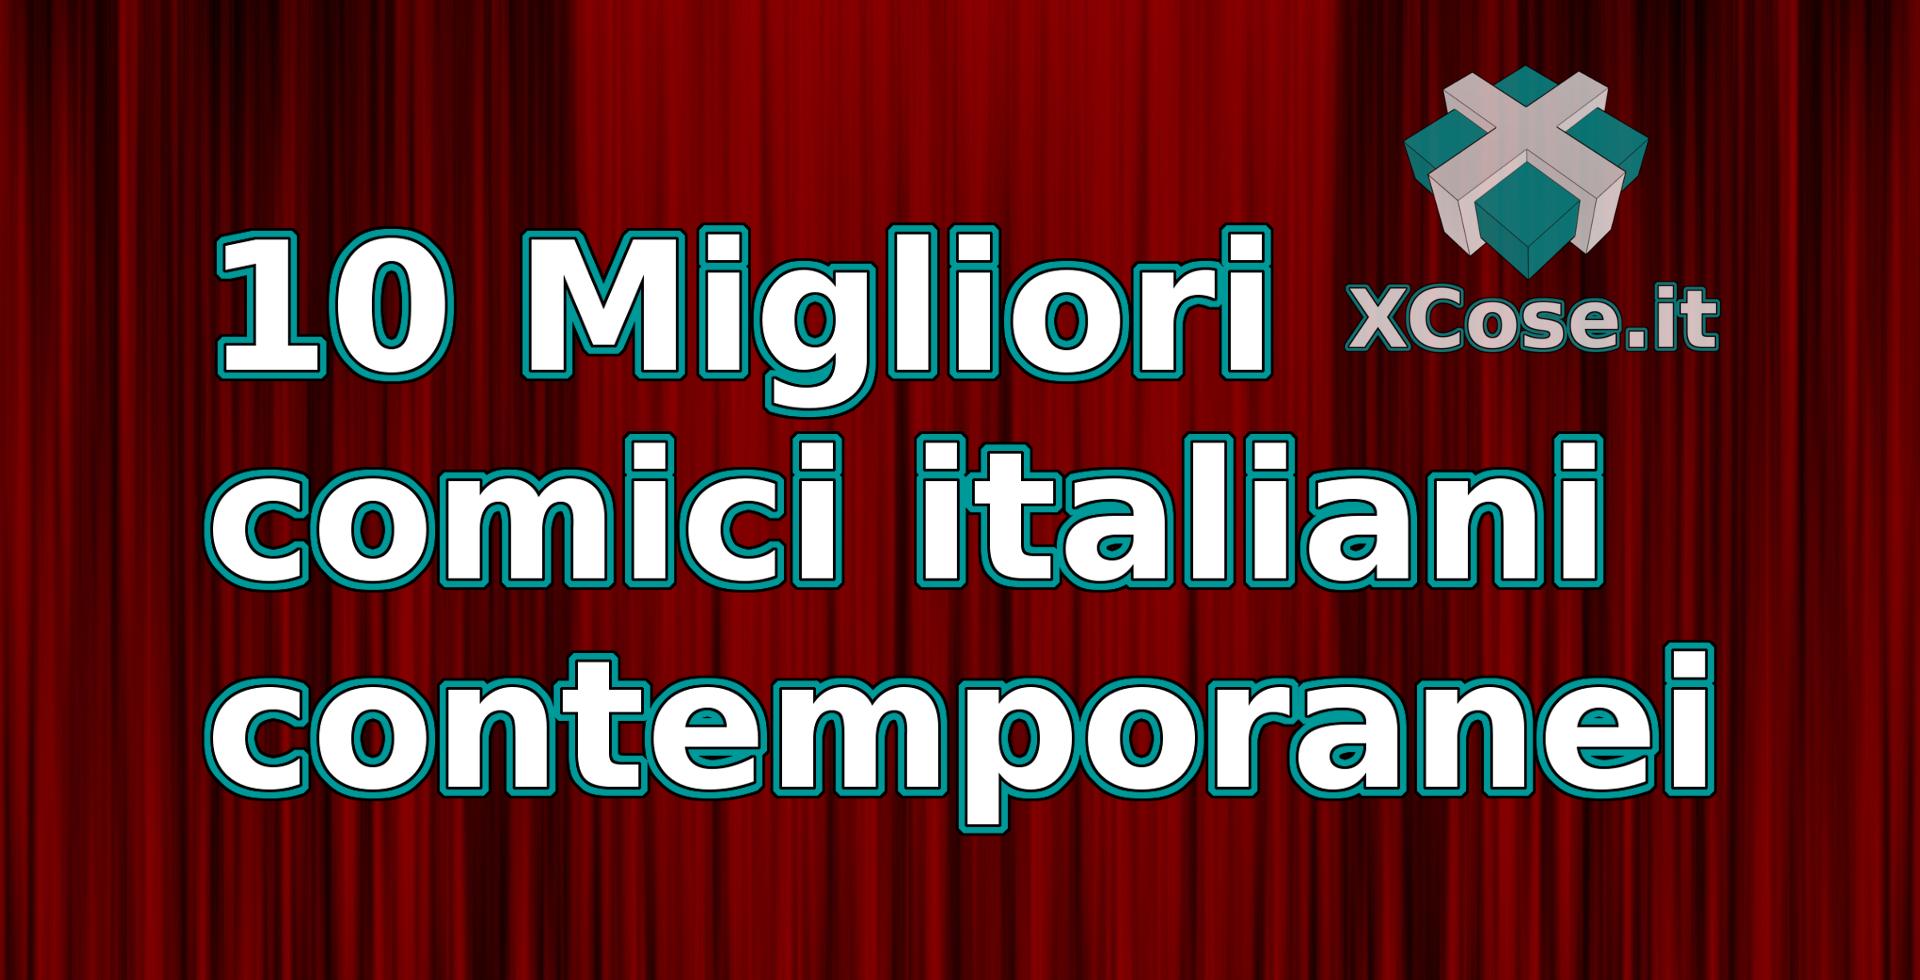 10 migliori comici italiani contemporanei xcose for Migliori mobilifici italiani